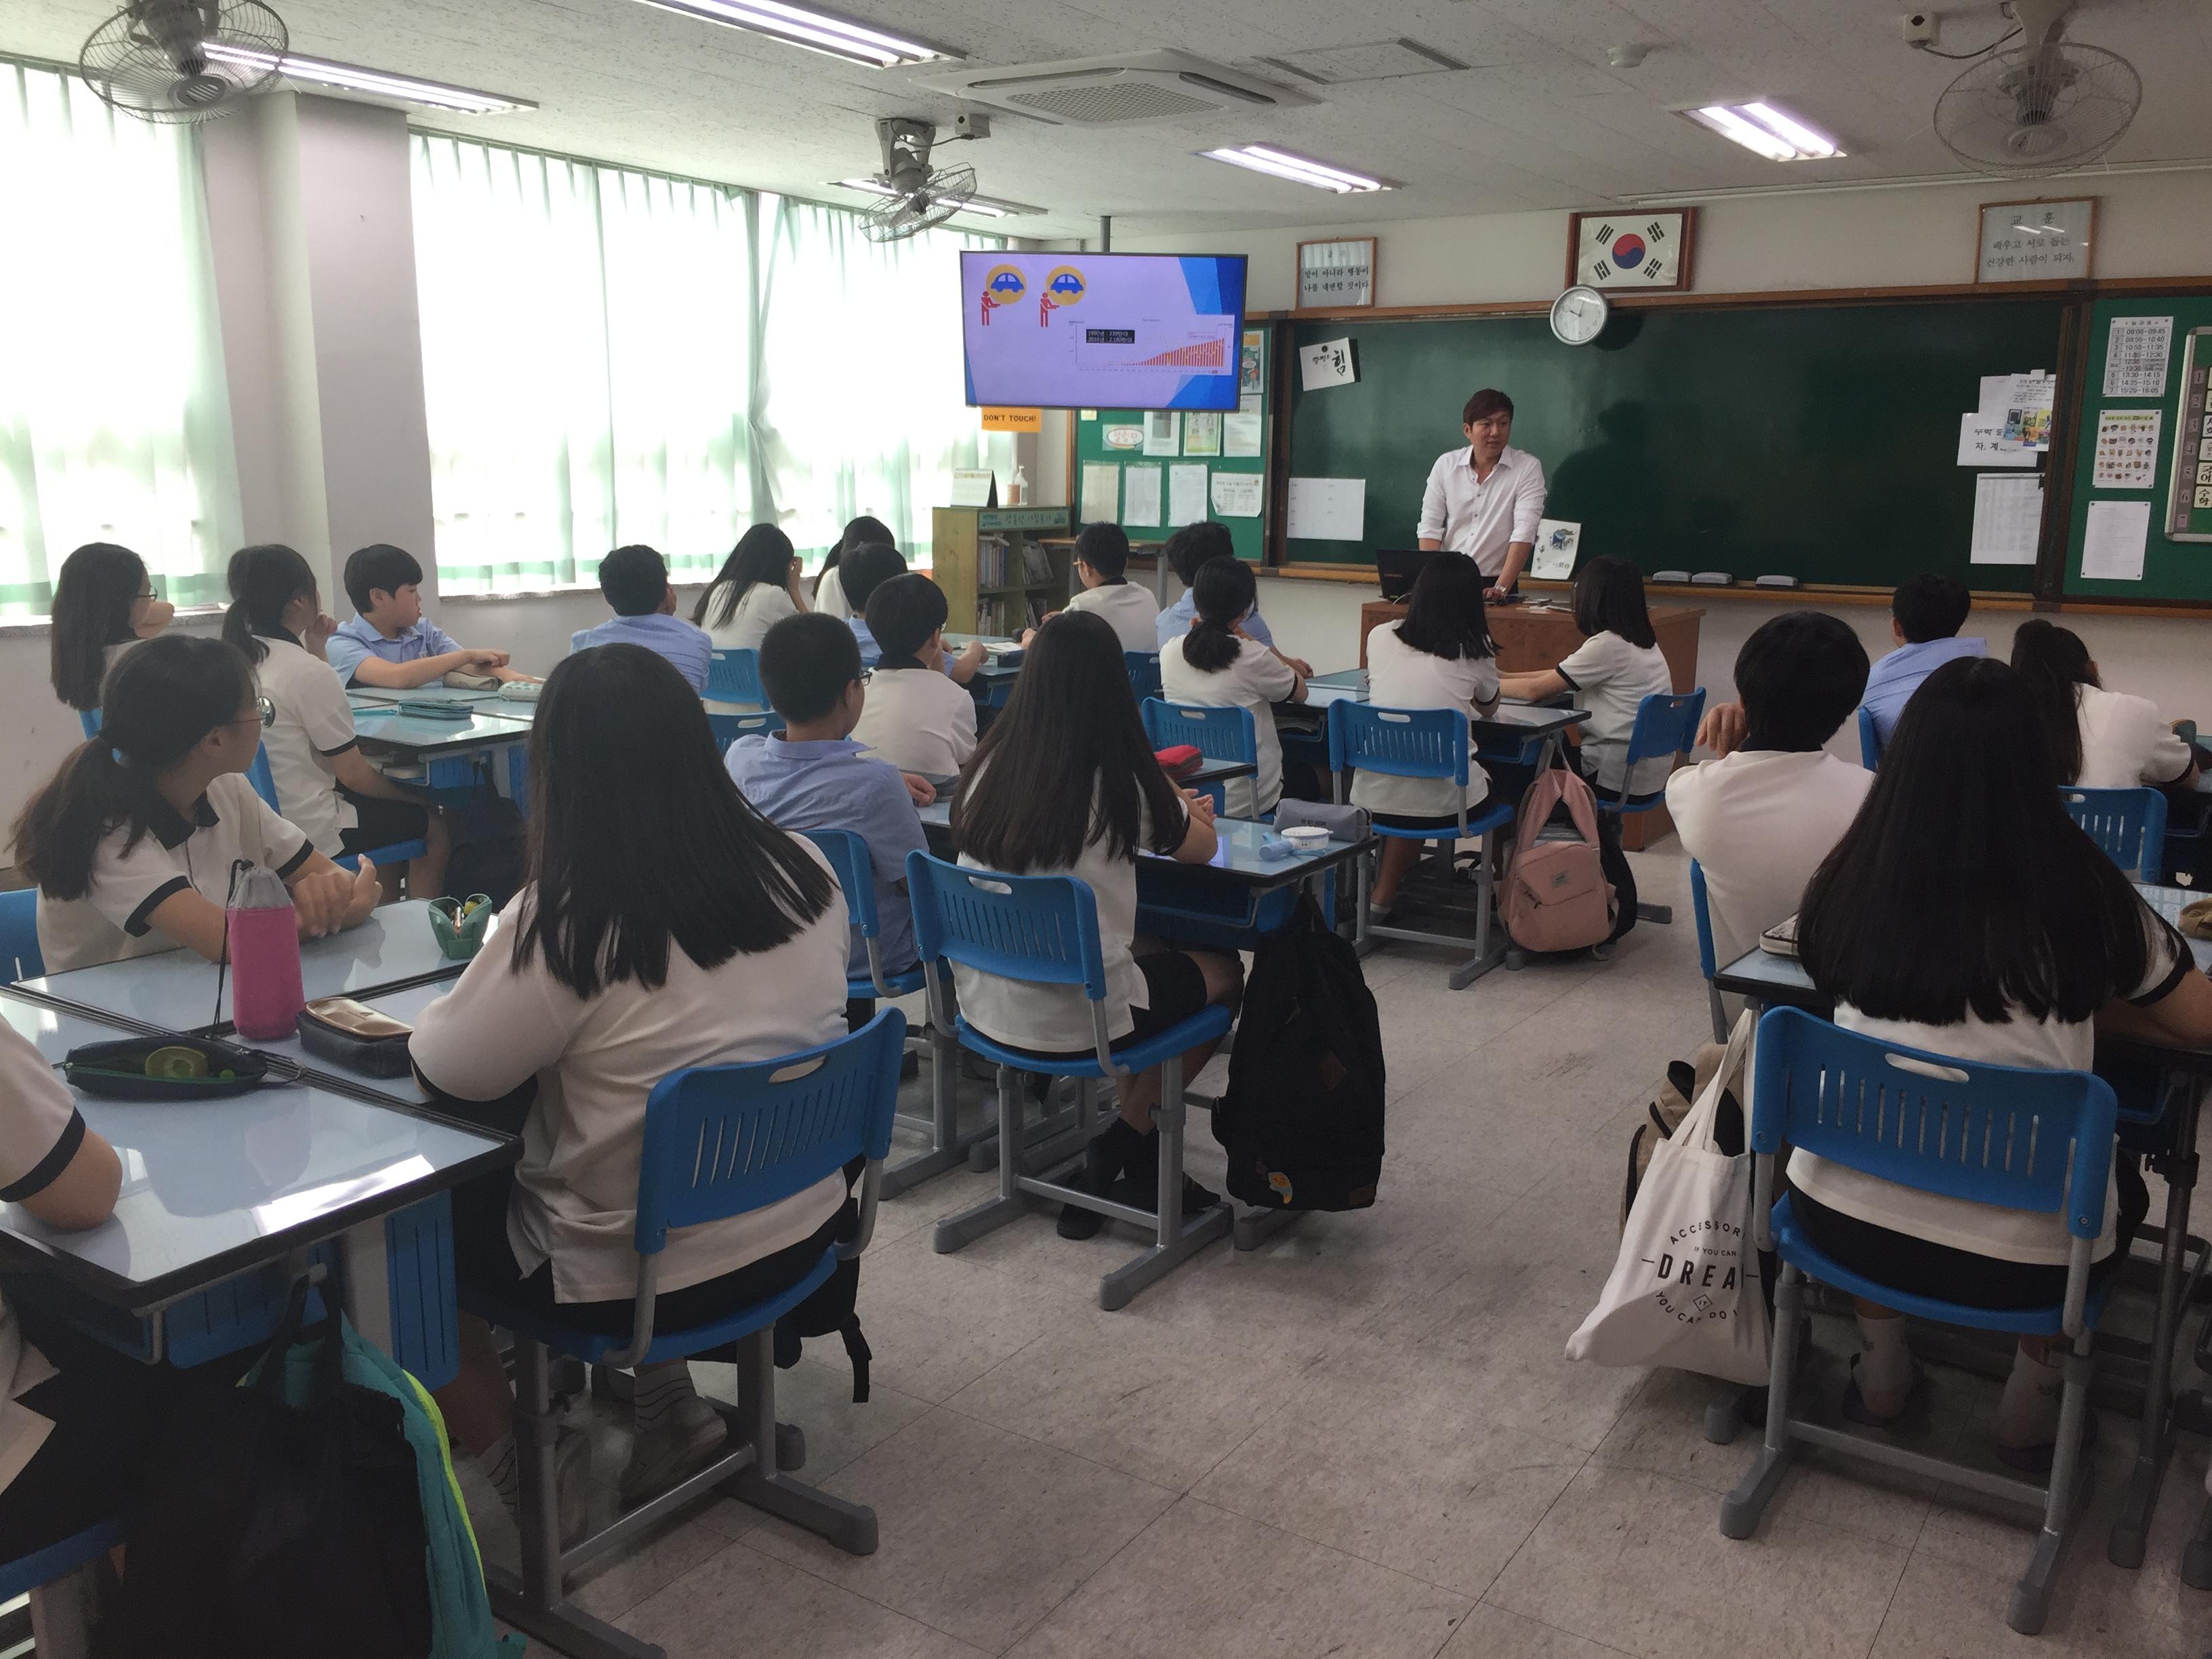 2017 07 06 서울시공유경제시작학교 무학중 사진01